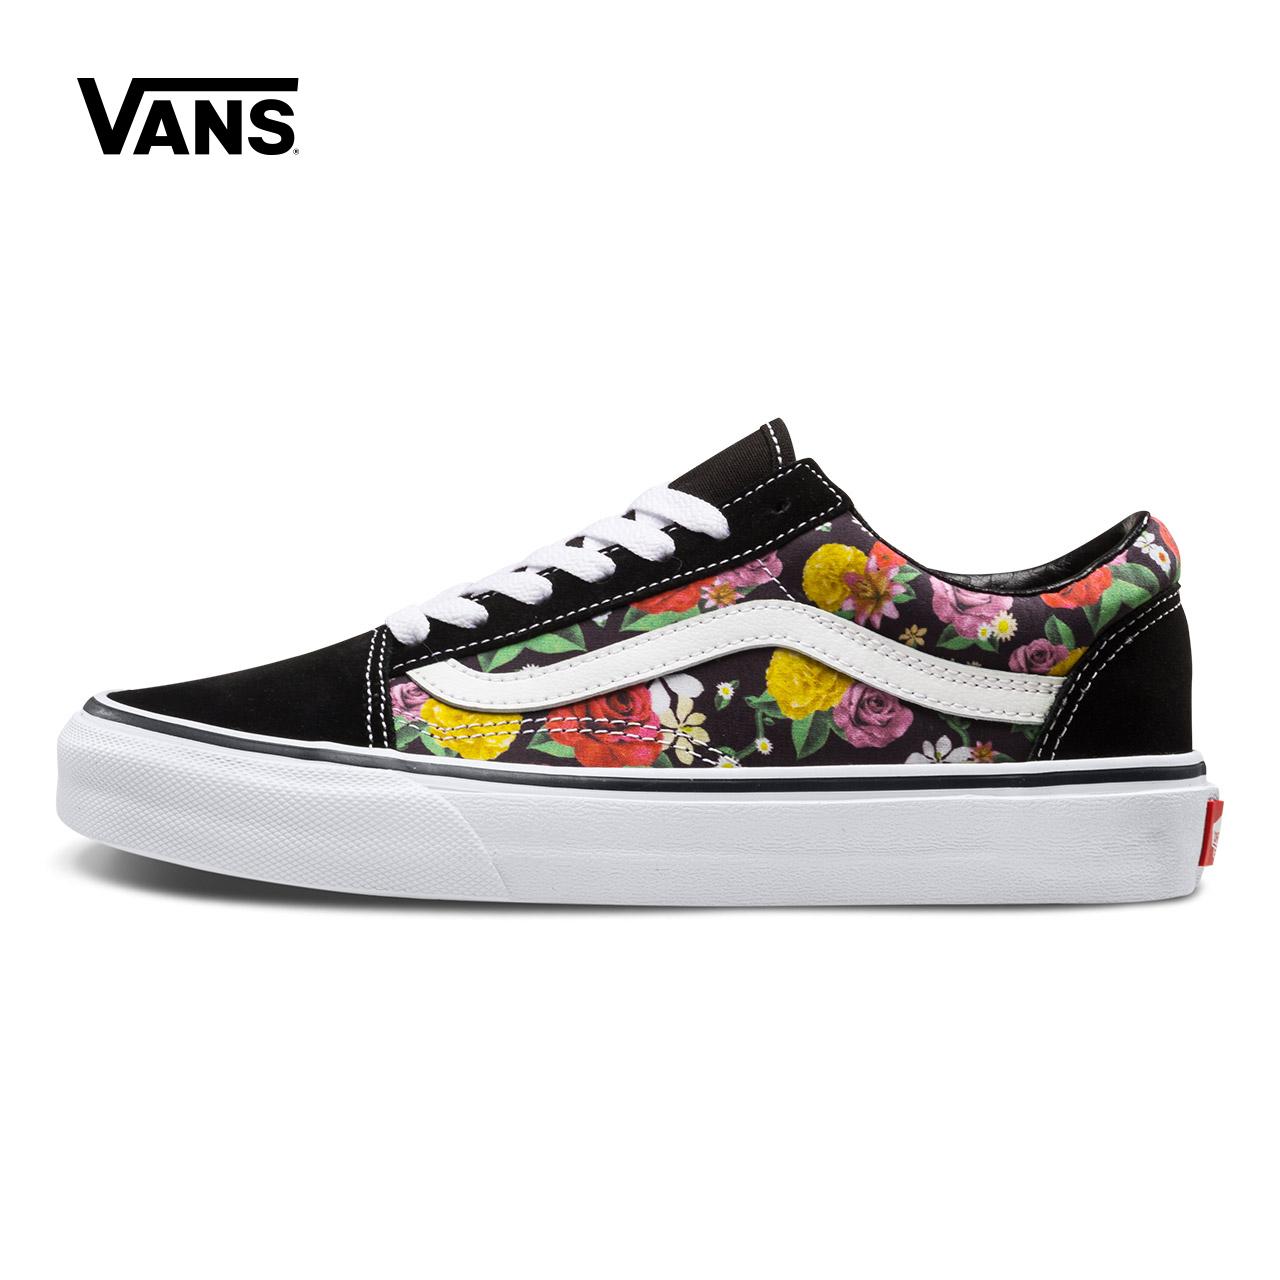 Vans 范斯官方男女款OLD SKOOL板鞋|VN0A38G1U5H